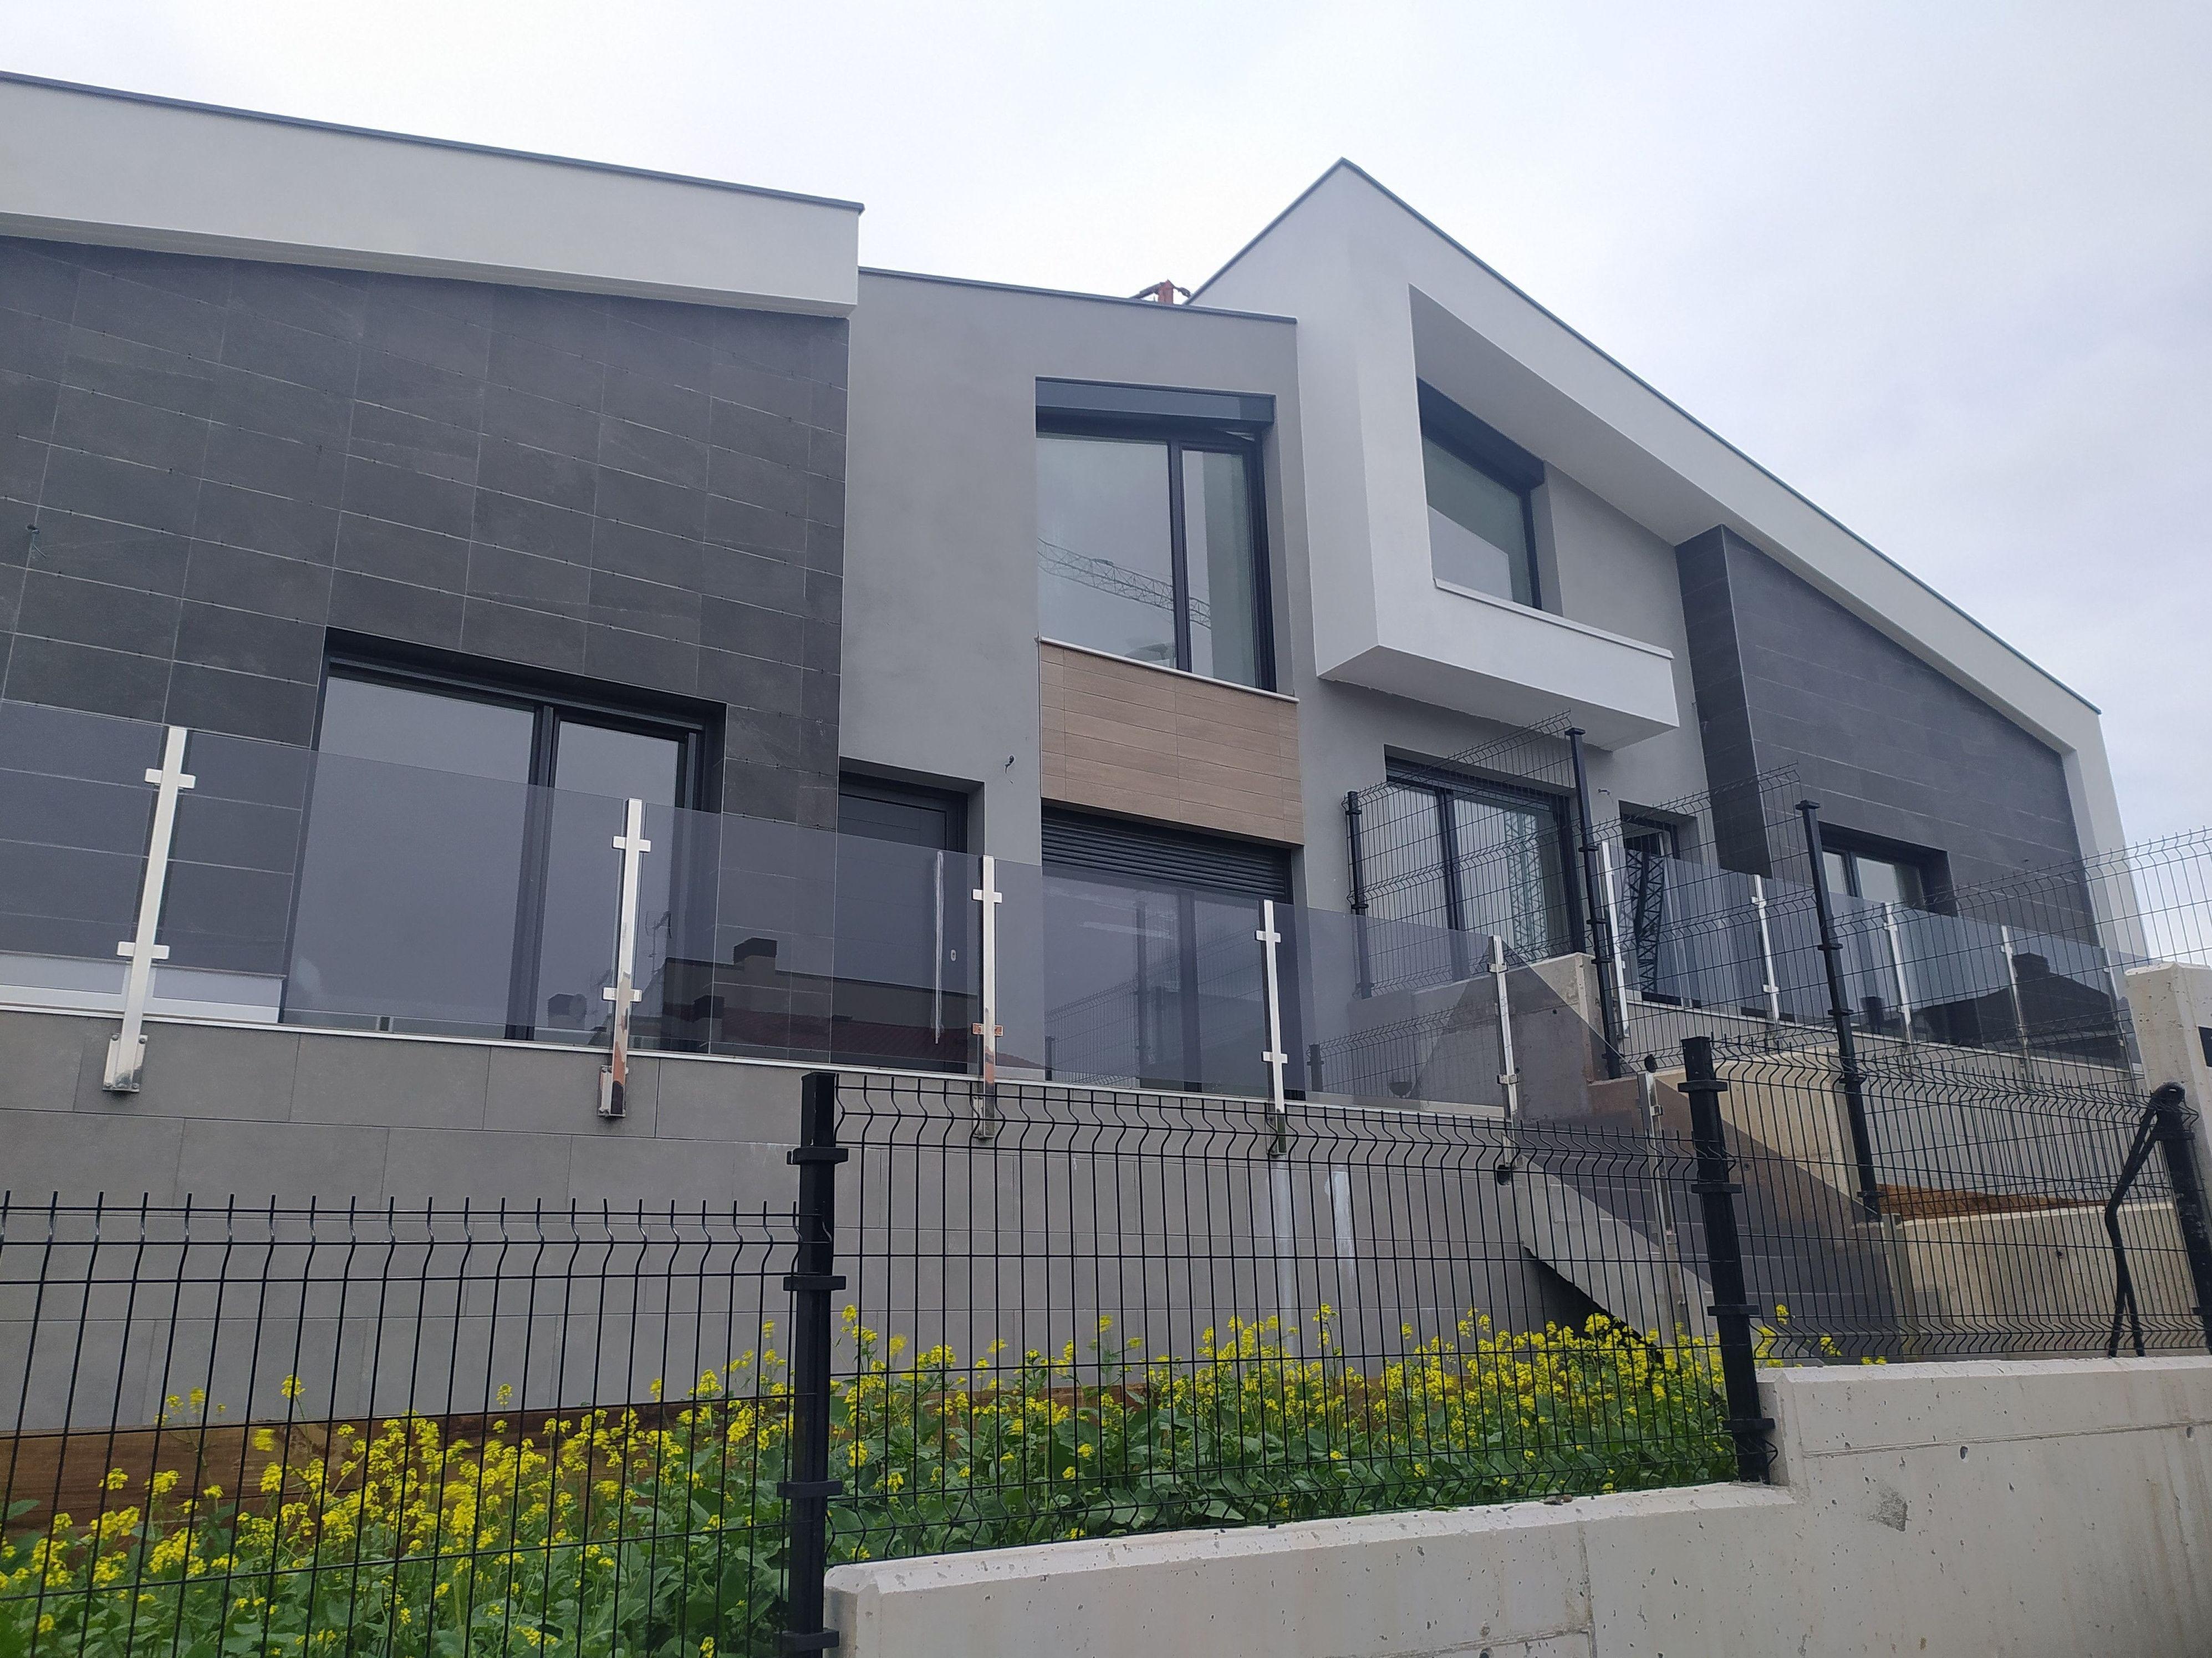 LAKSOPELA, S.COOP.                     4 viviendas adosadas en esquina en sector Asu de SOPELA